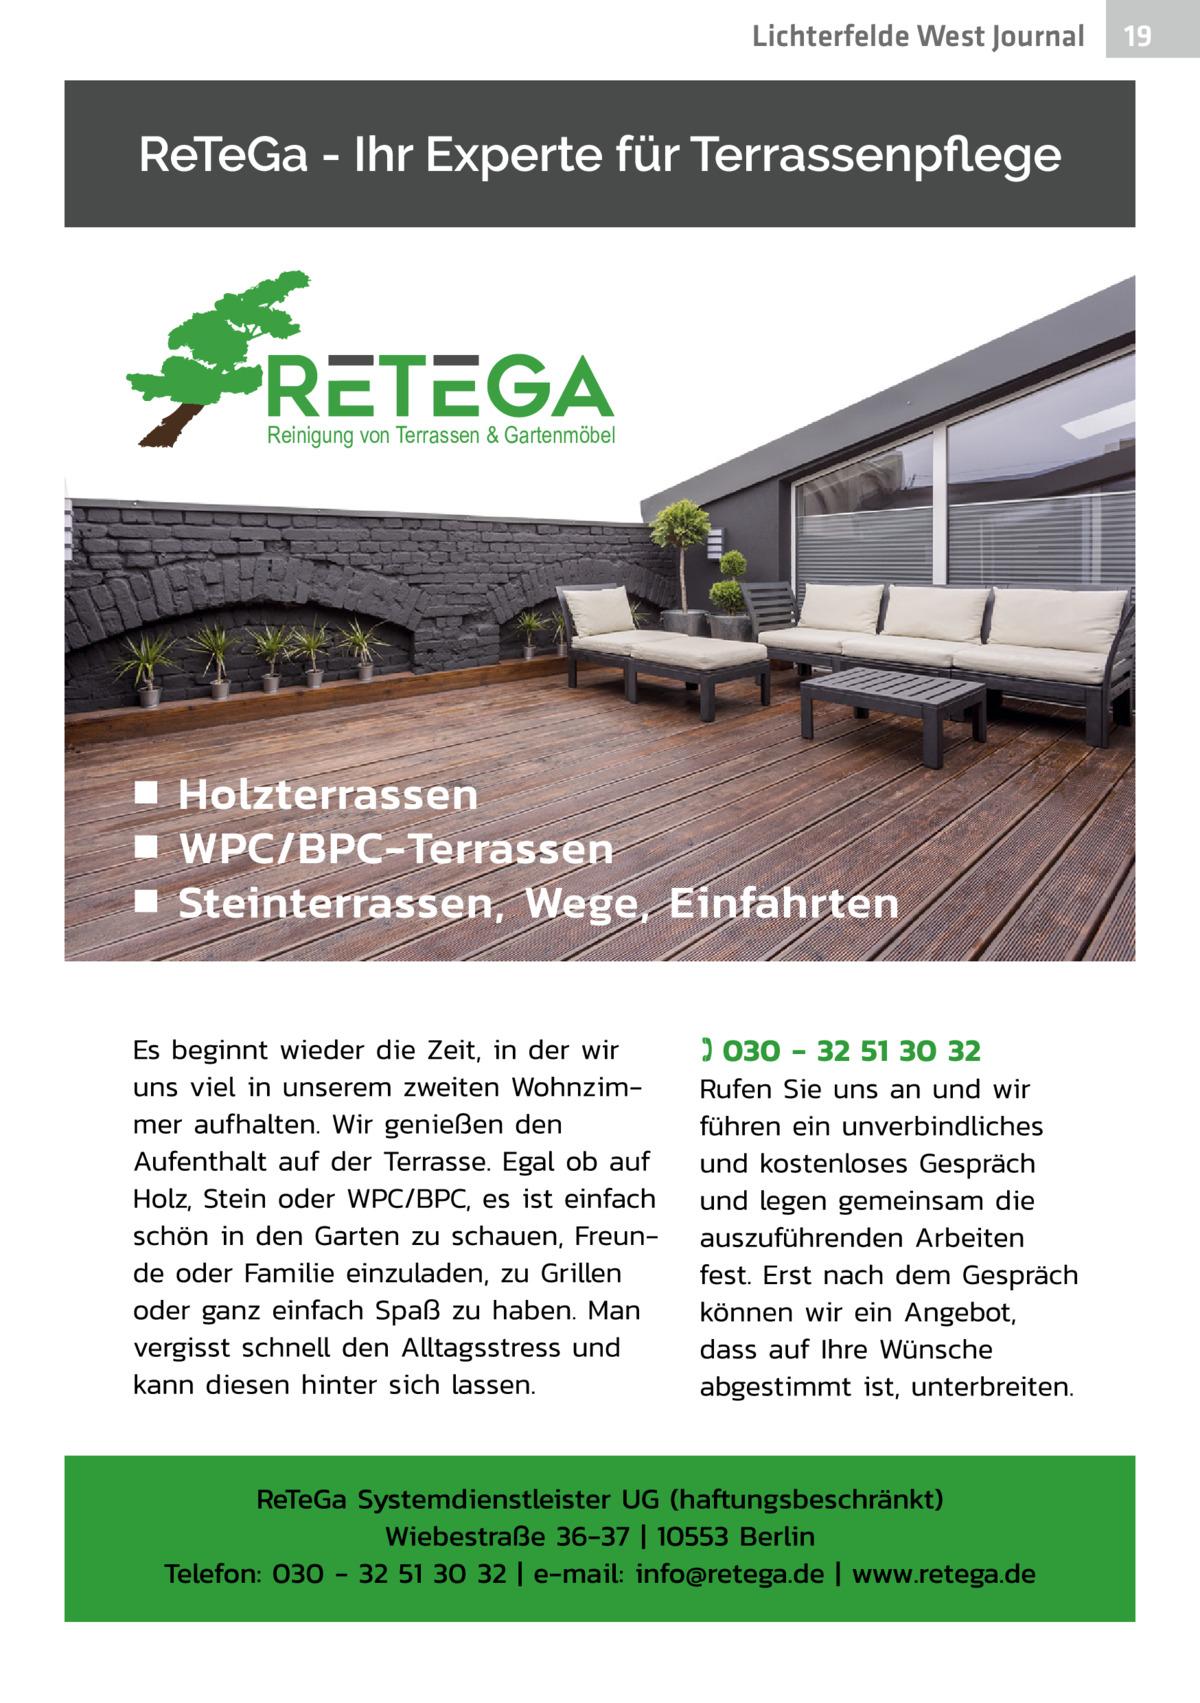 Lichterfelde West Journal  Reinigung von Terrassen & Gartenmöbel  19 19